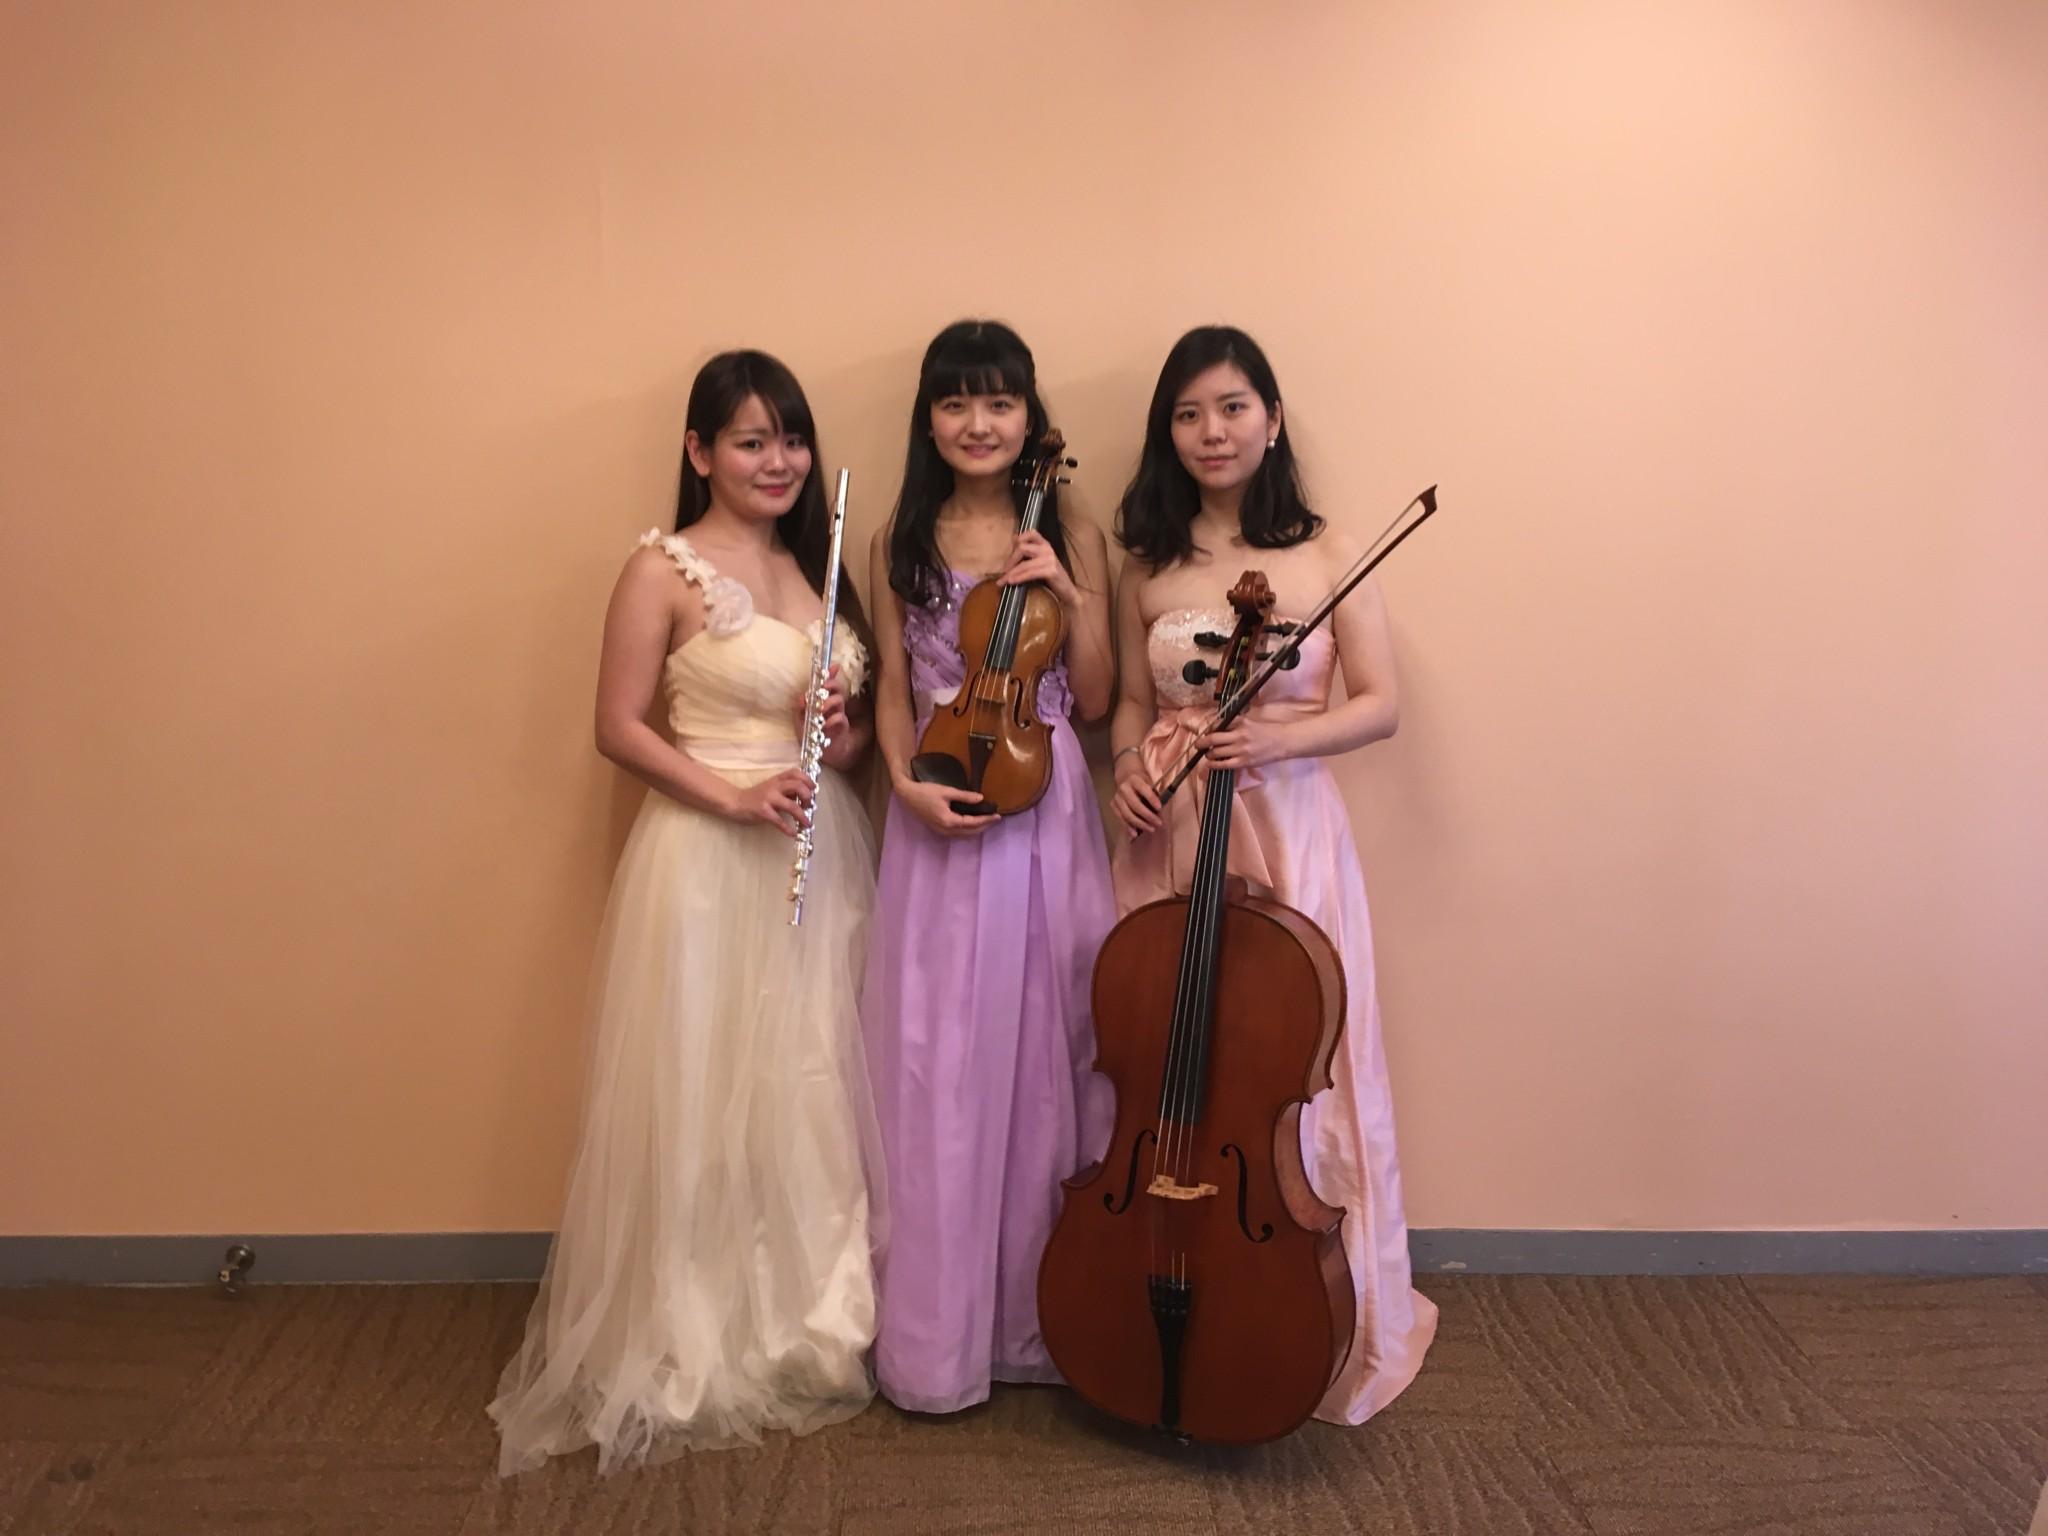 フルート、ヴァイオリン、チェロの3名編成でした